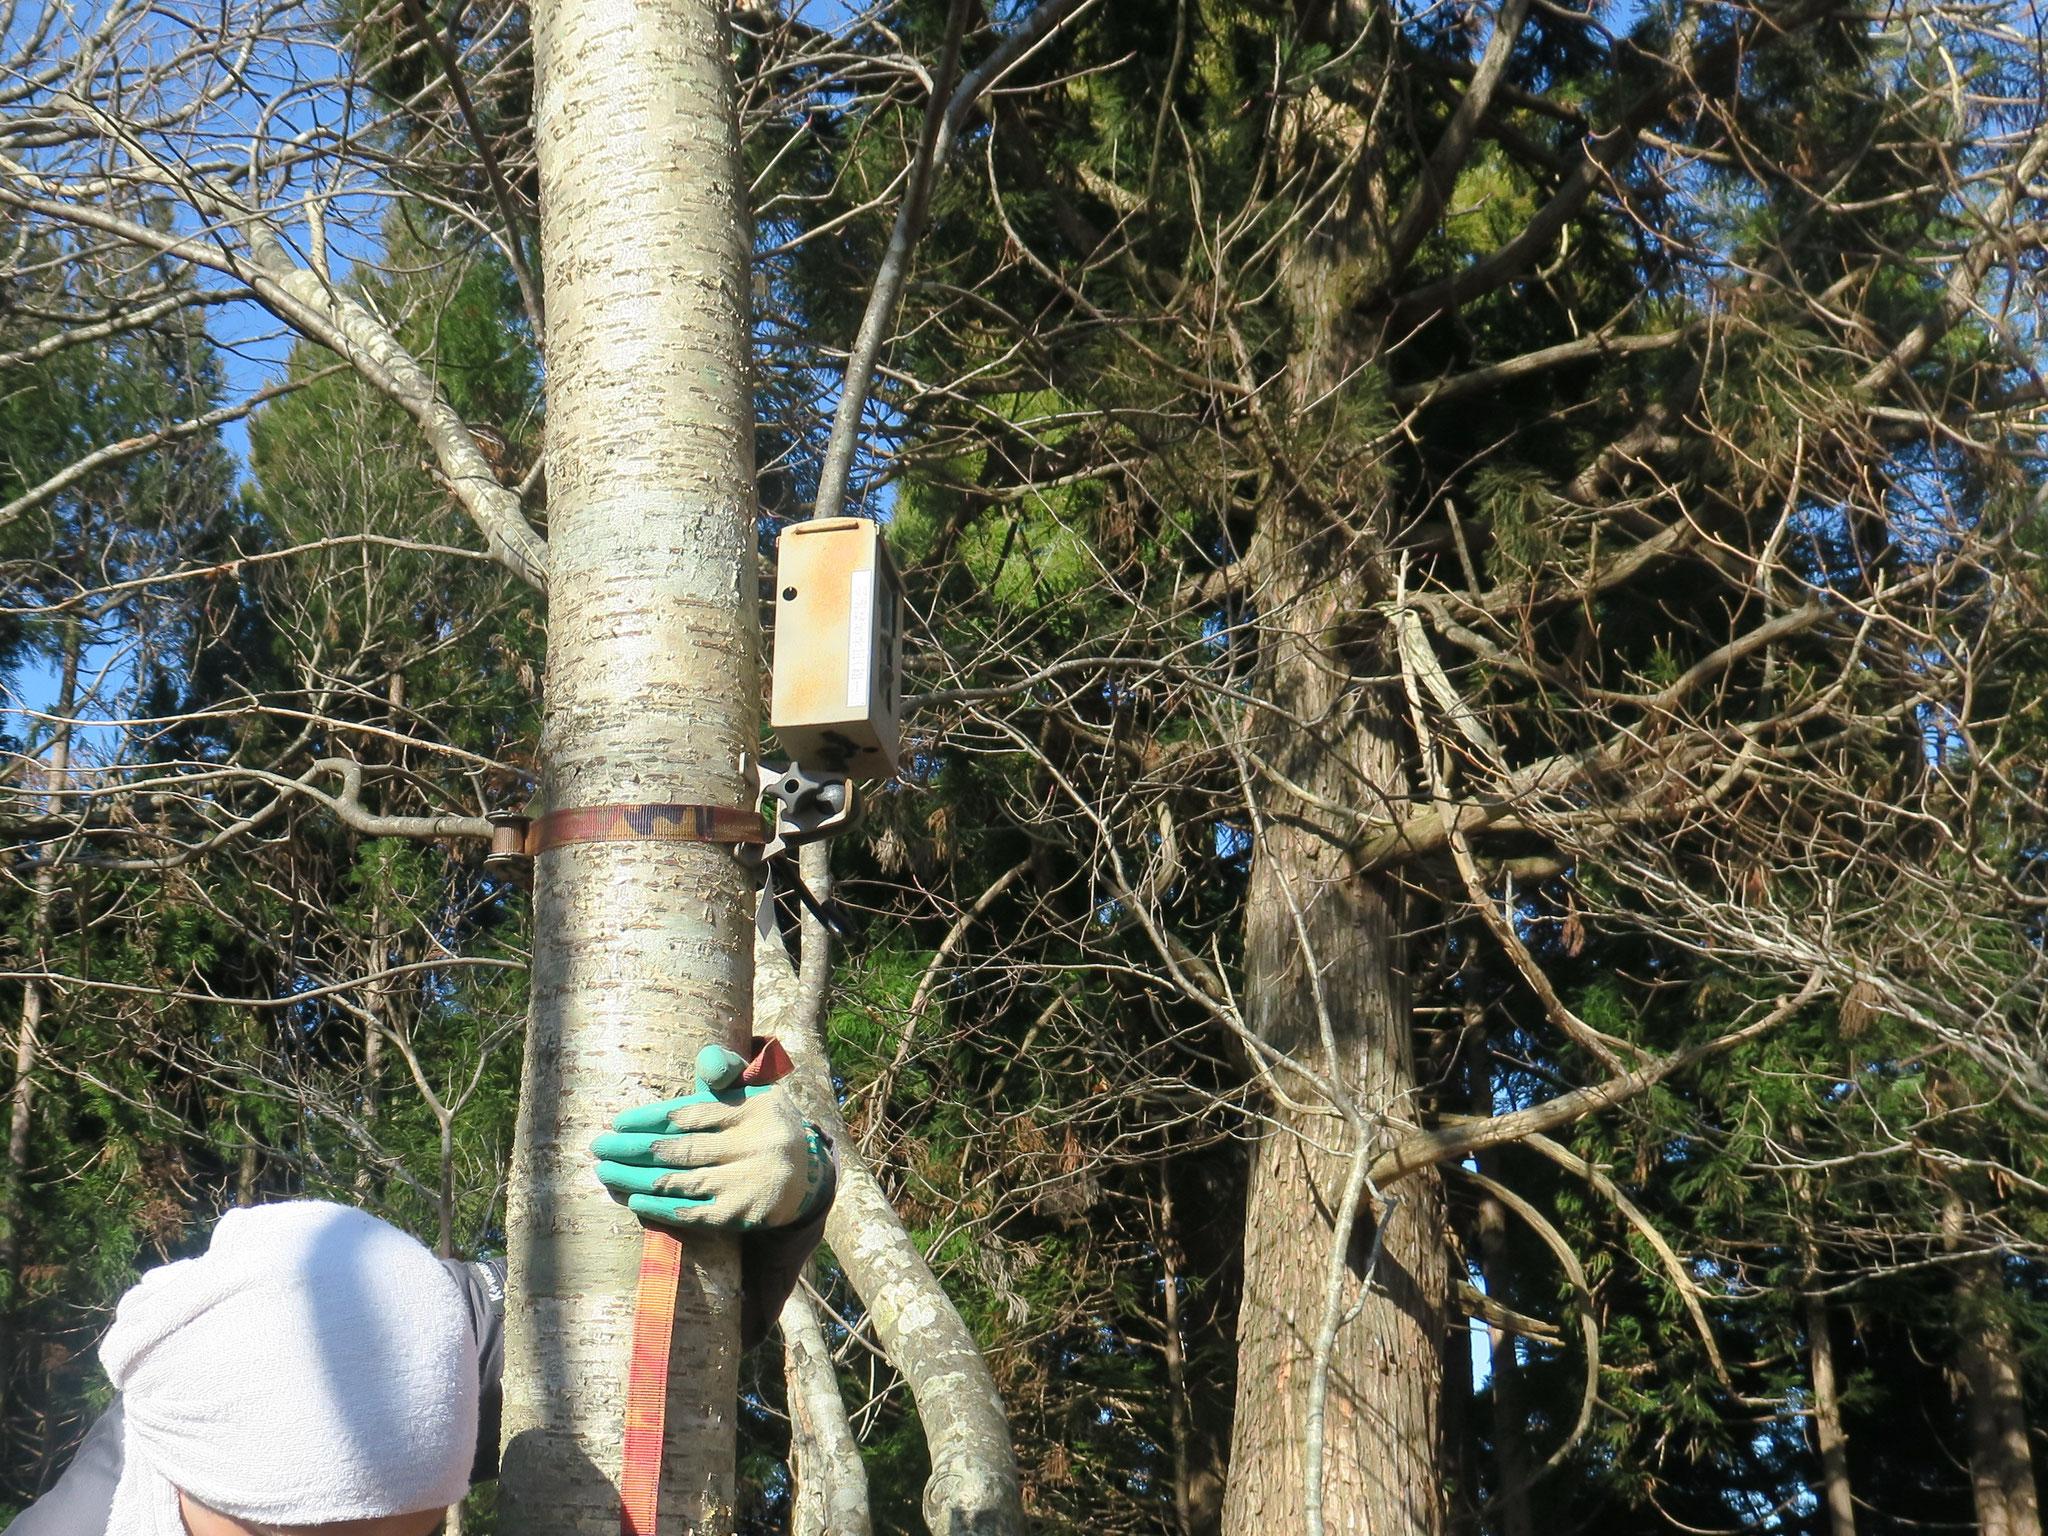 自動撮影カメラ設置による野生動物の生息調査